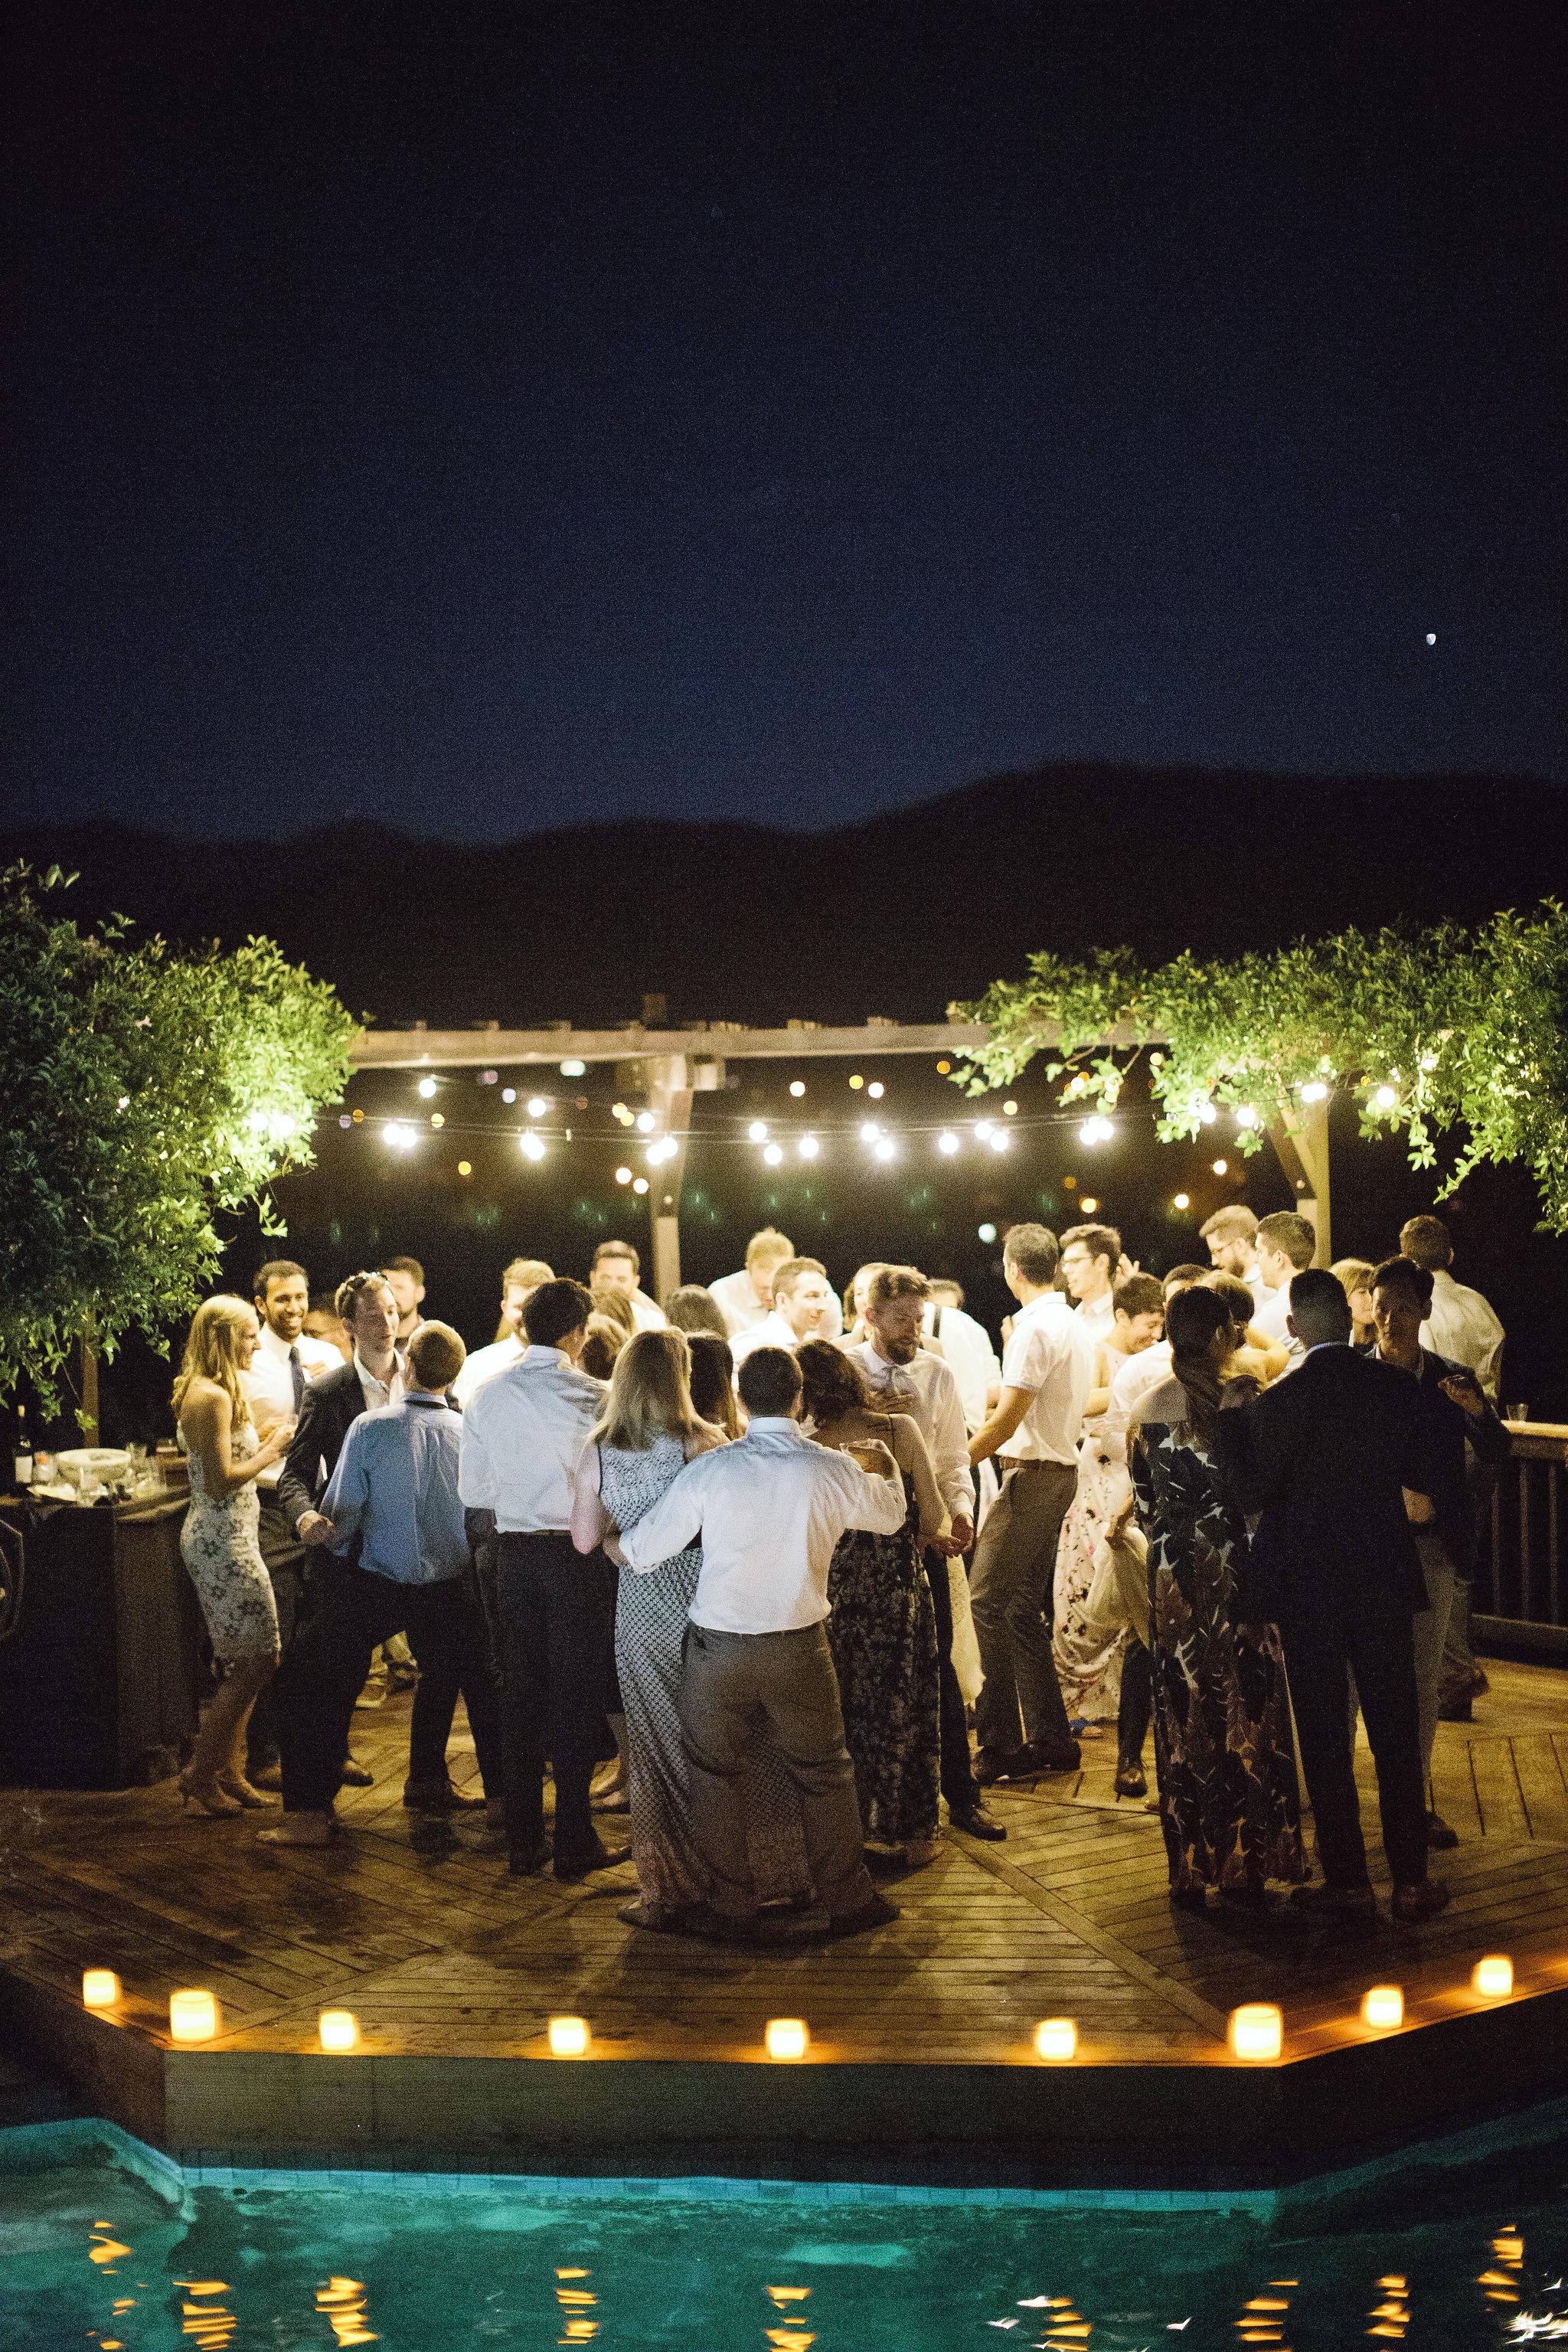 Wedding-Party-Bay-Area-77.JPG